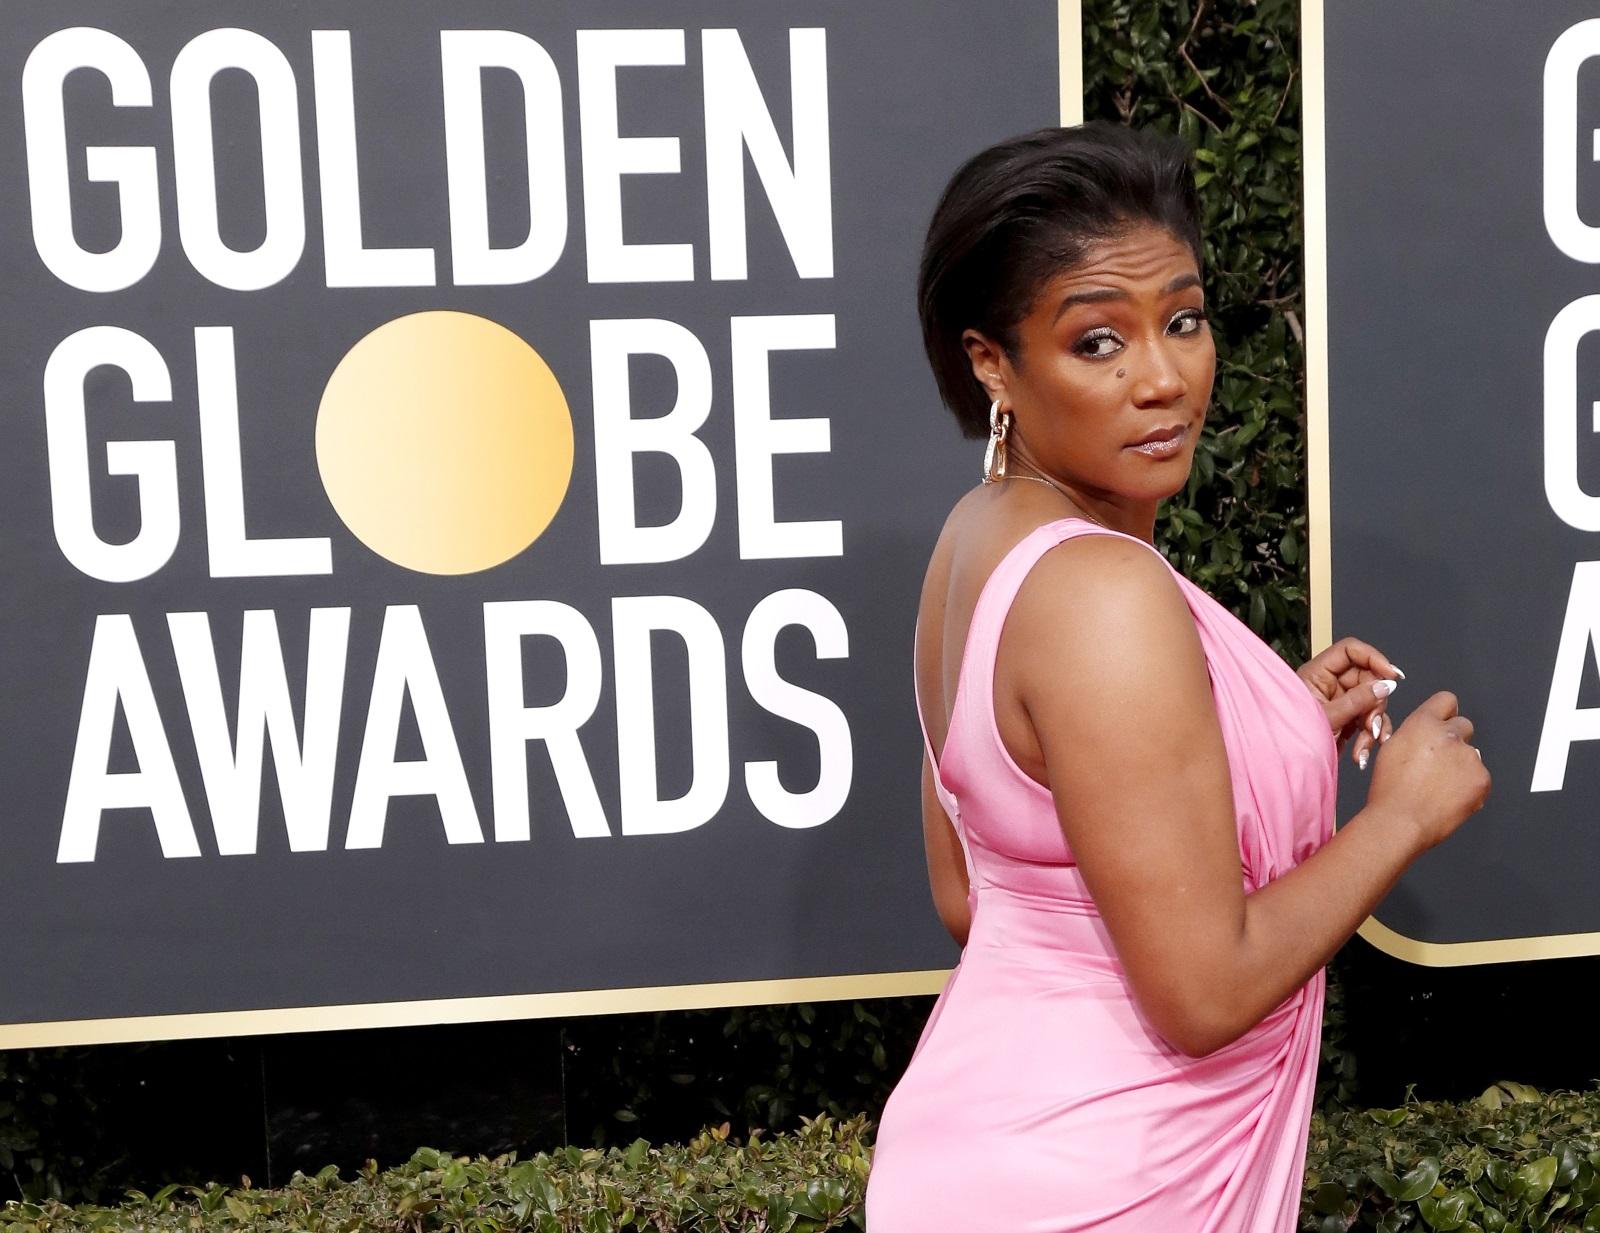 <p>Когато журналист написа &bdquo;бременна&ldquo; на снимка на комедийната звезда Тифани Хадиш от церемонията за наградите &bdquo;Златен глобус&ldquo;, тя отговори перфектно: &bdquo;Не просто дебеля&ldquo;.</p>